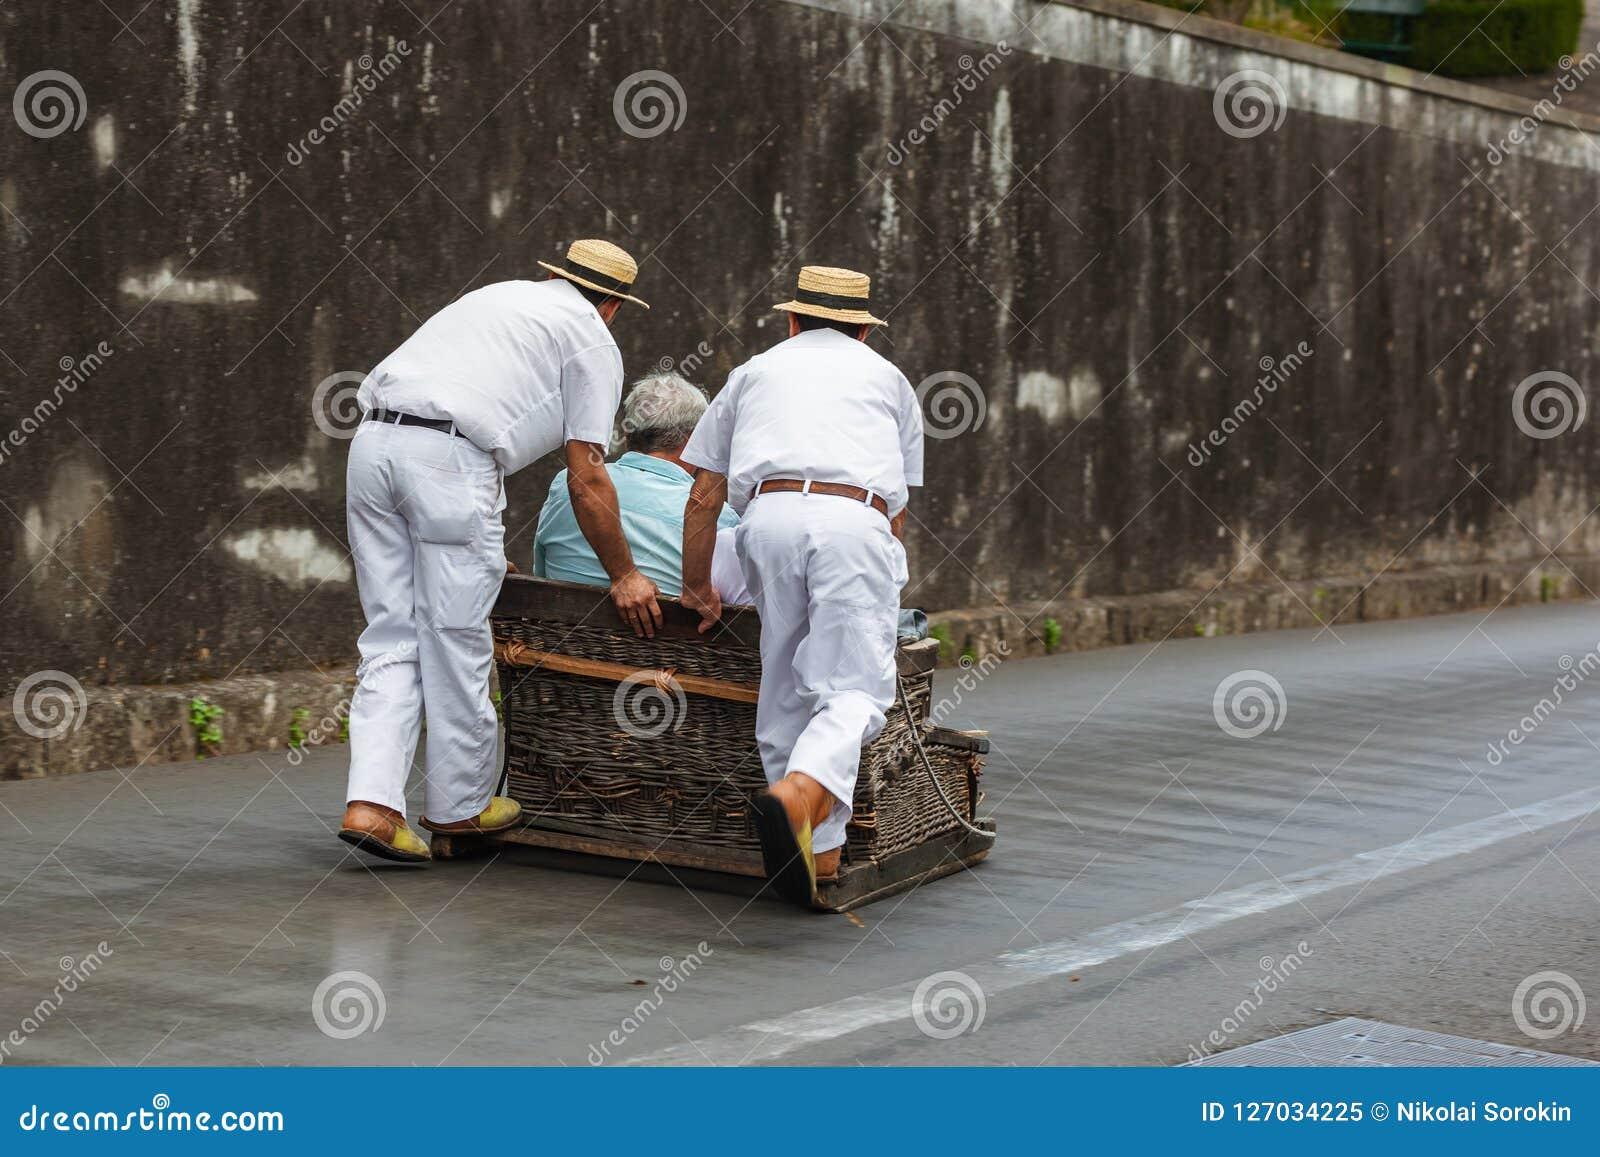 Toboggan ruiters op slee in Monte - Funchal Madera Portugal